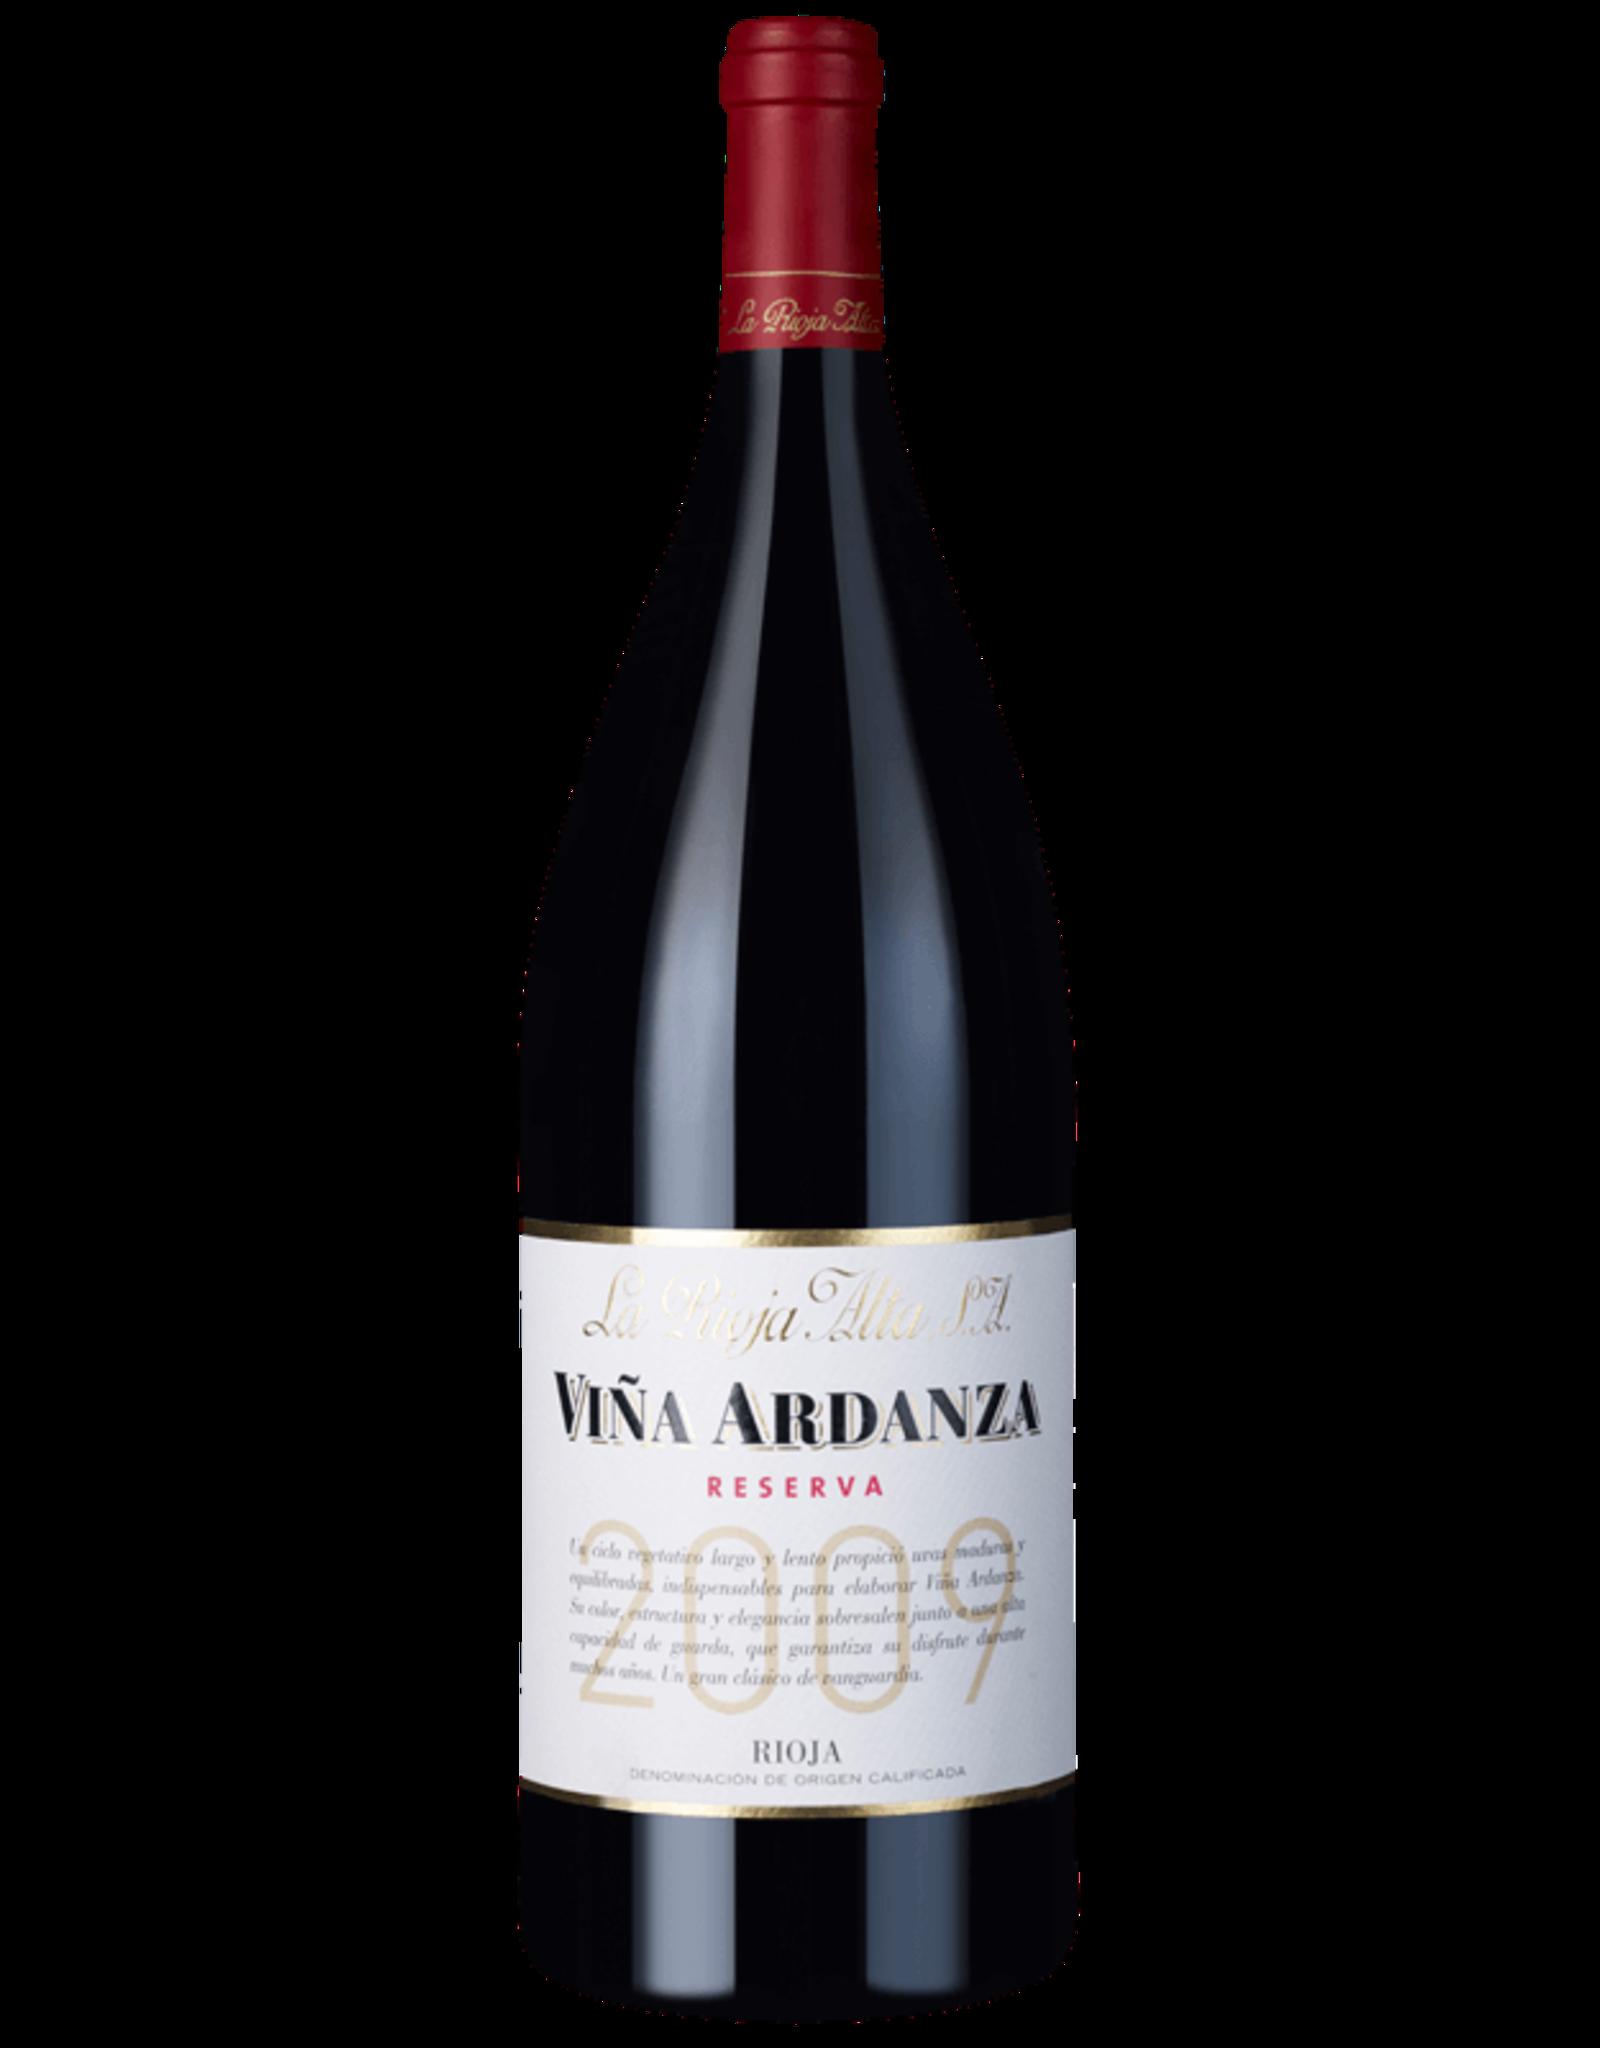 La Rioja Alta Vina Ardanza Riserva Magnum 2009